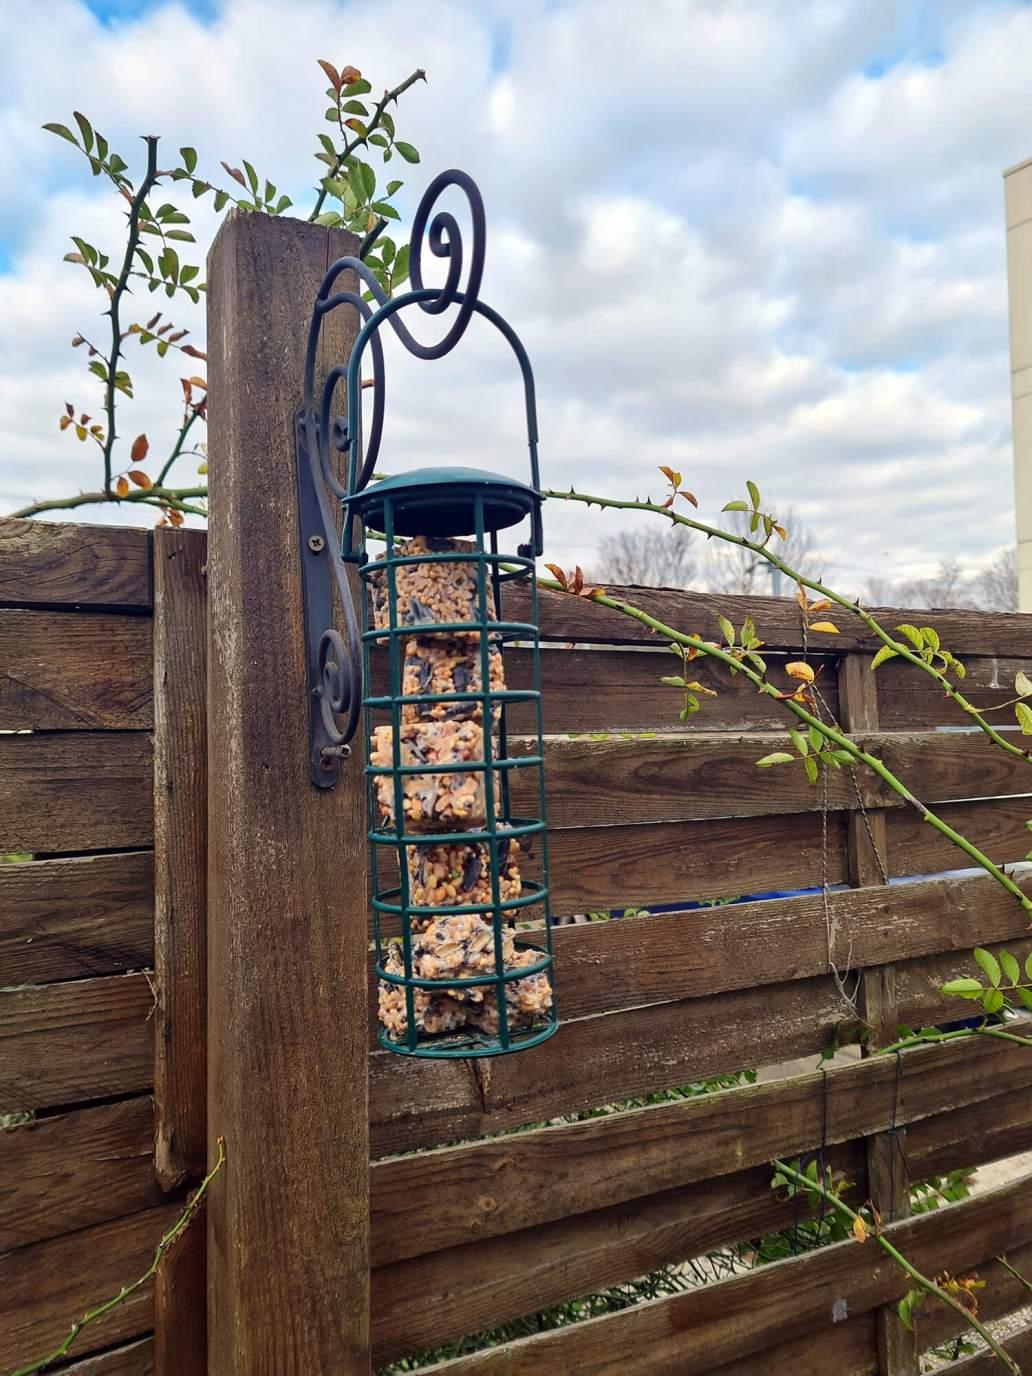 20210108 133517 - 3 DIY pour nourrir les oiseaux dans le jardin